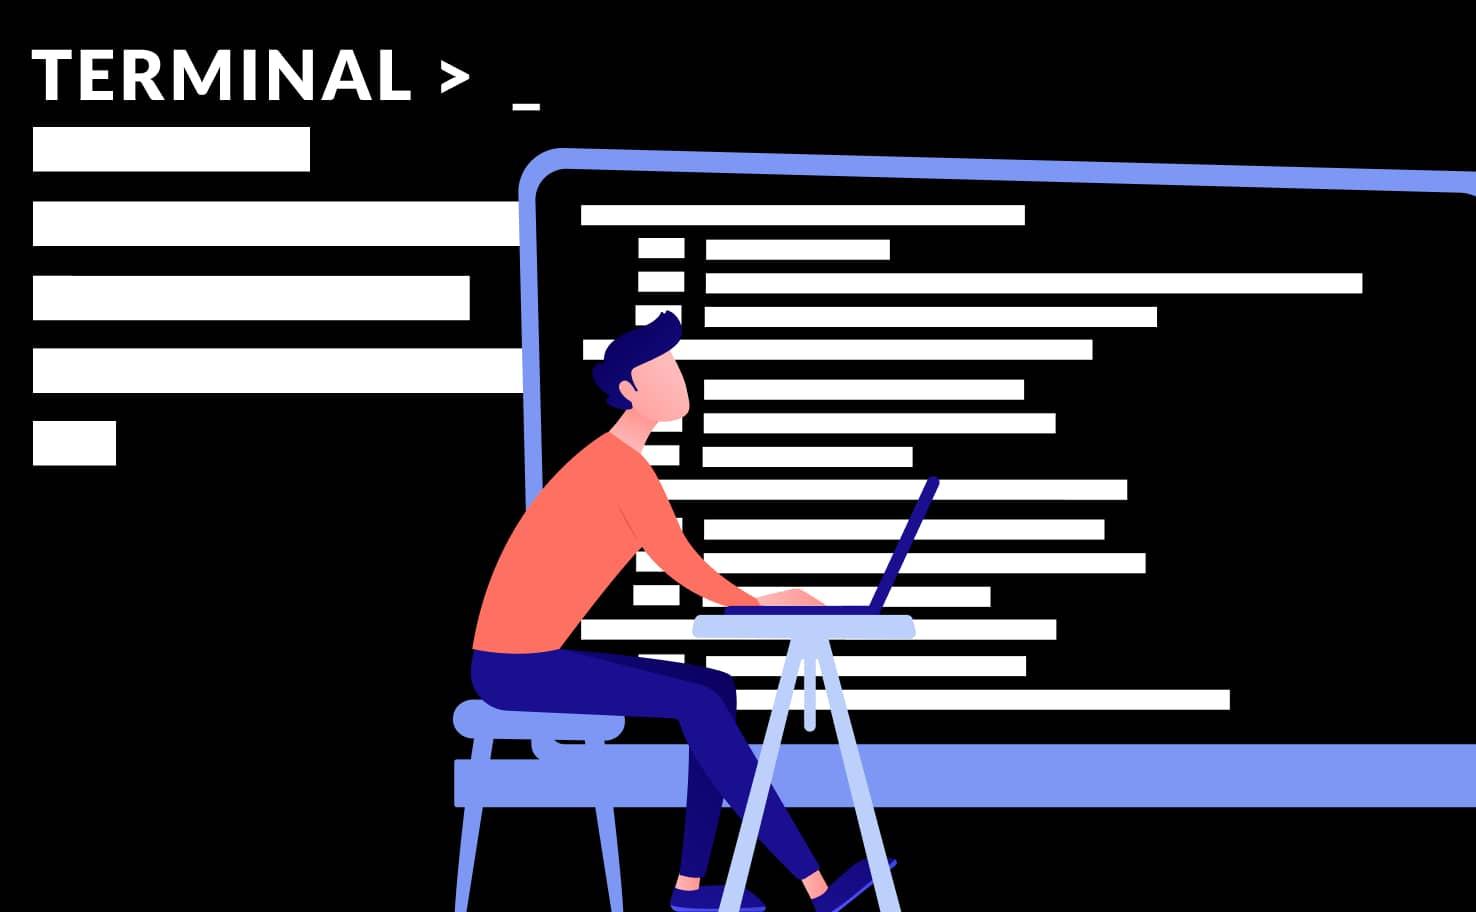 Article abordant la notion de console et terminal dans le monde informatique